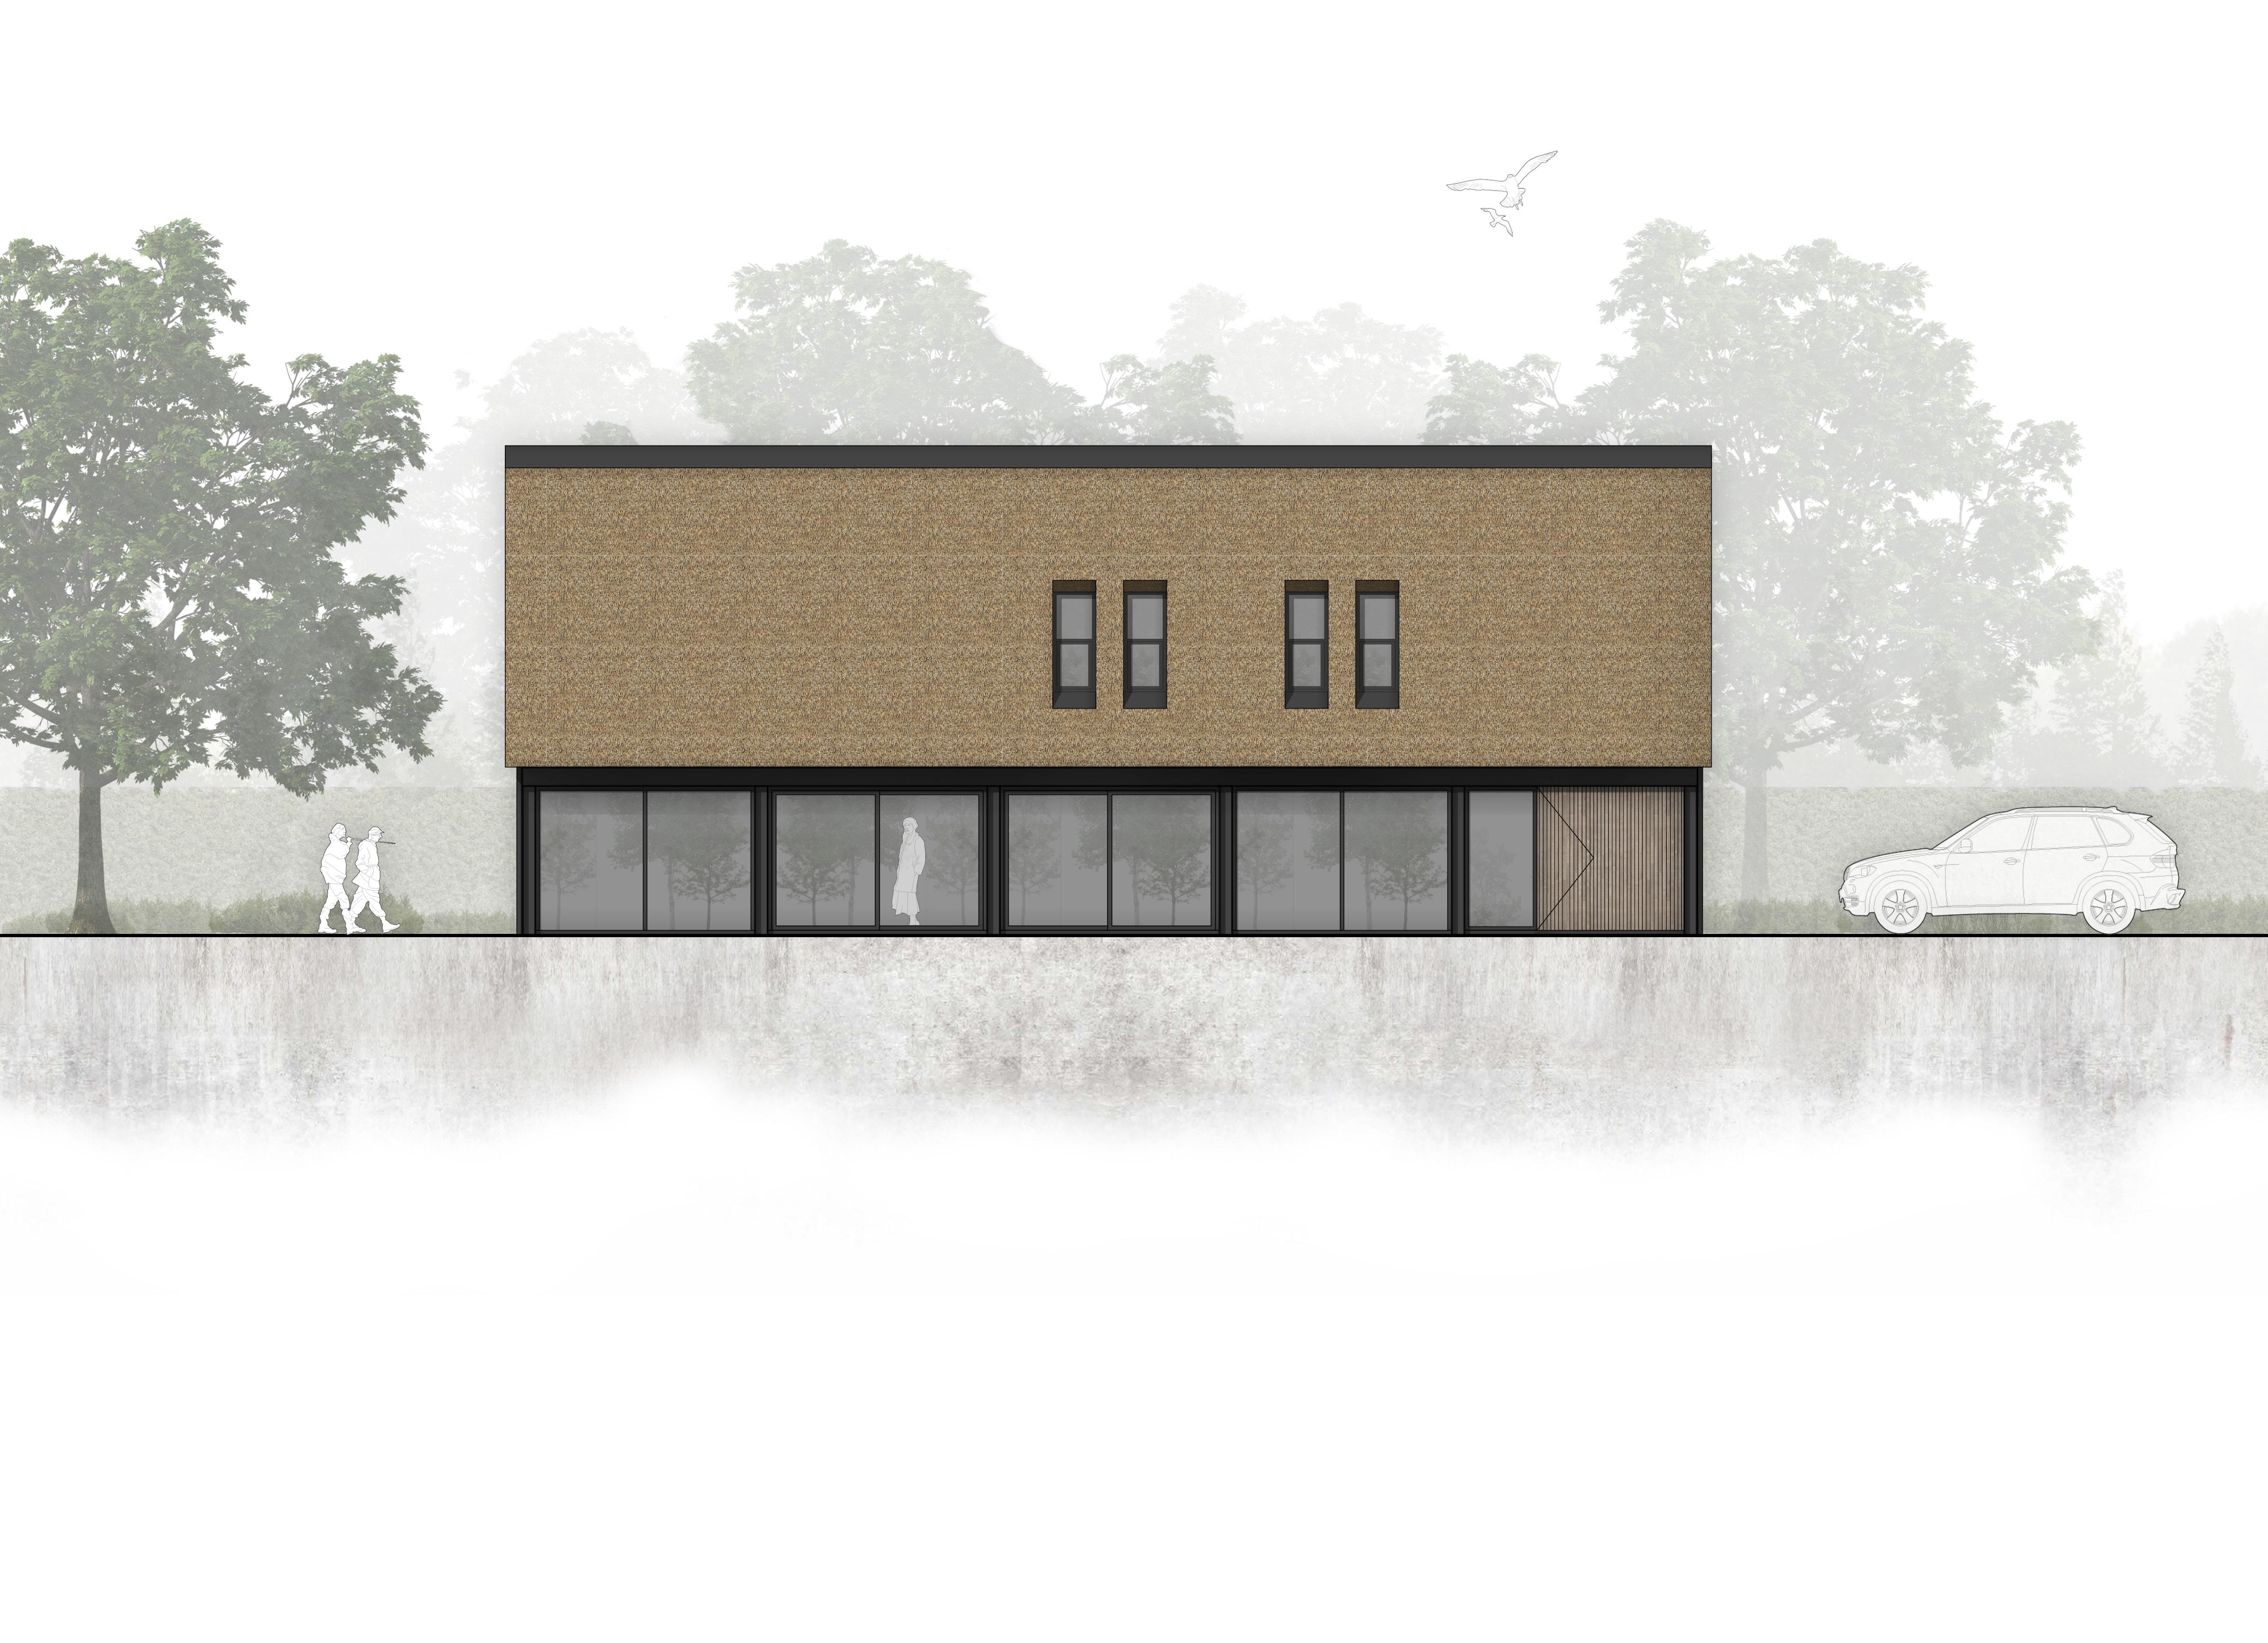 van Os Architecten, ontwerp moderne industriele woonboerderij Sevenum, zijgevel met aluminium schuifpuien in kader van zichtwerk stalen frame en rieten kap